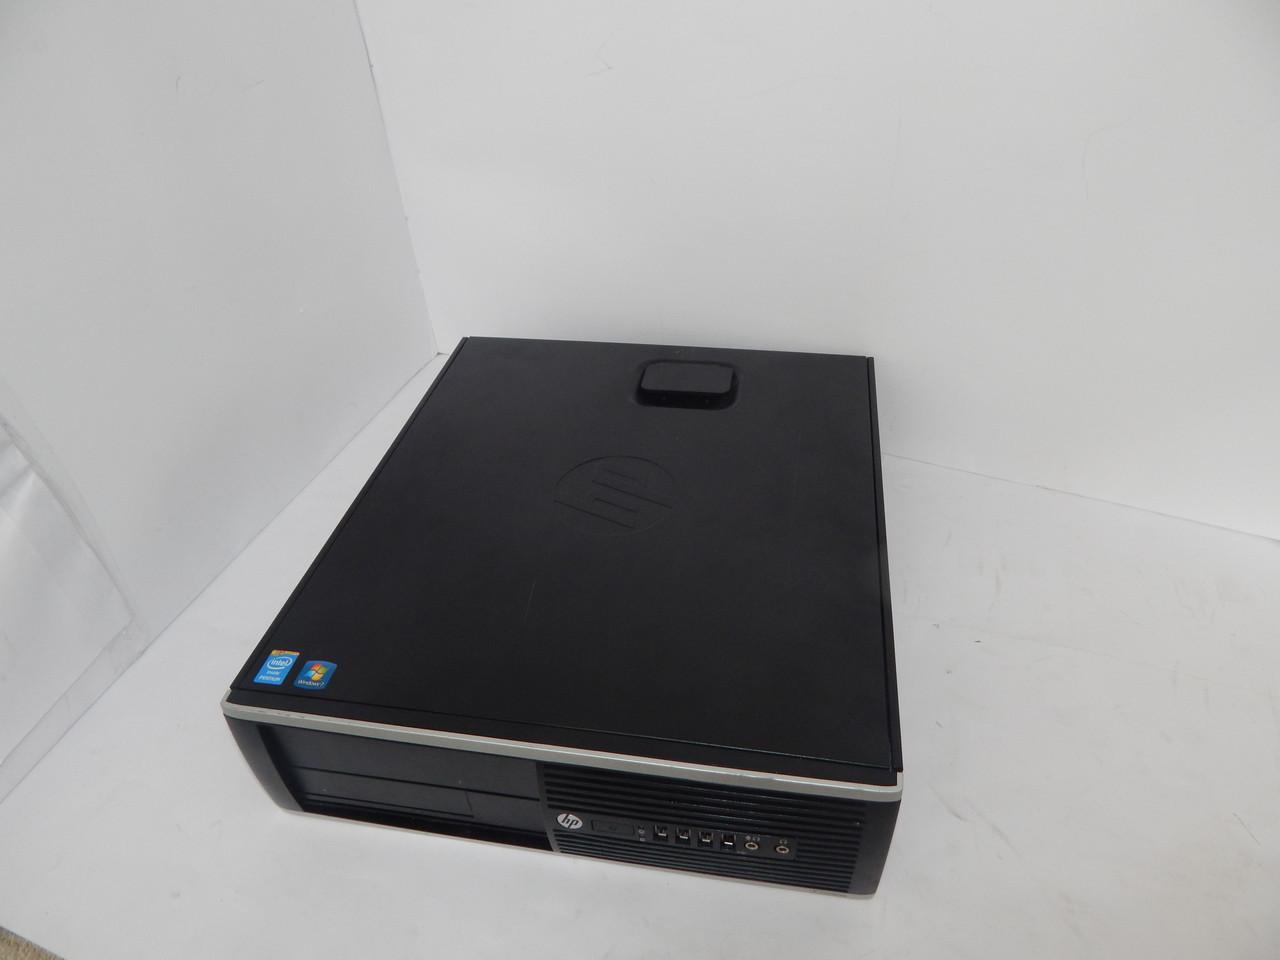 Системный блок HP, i5-2400, ОЗУ 4ГБ DDR3, диск 160ГБ soket 1155